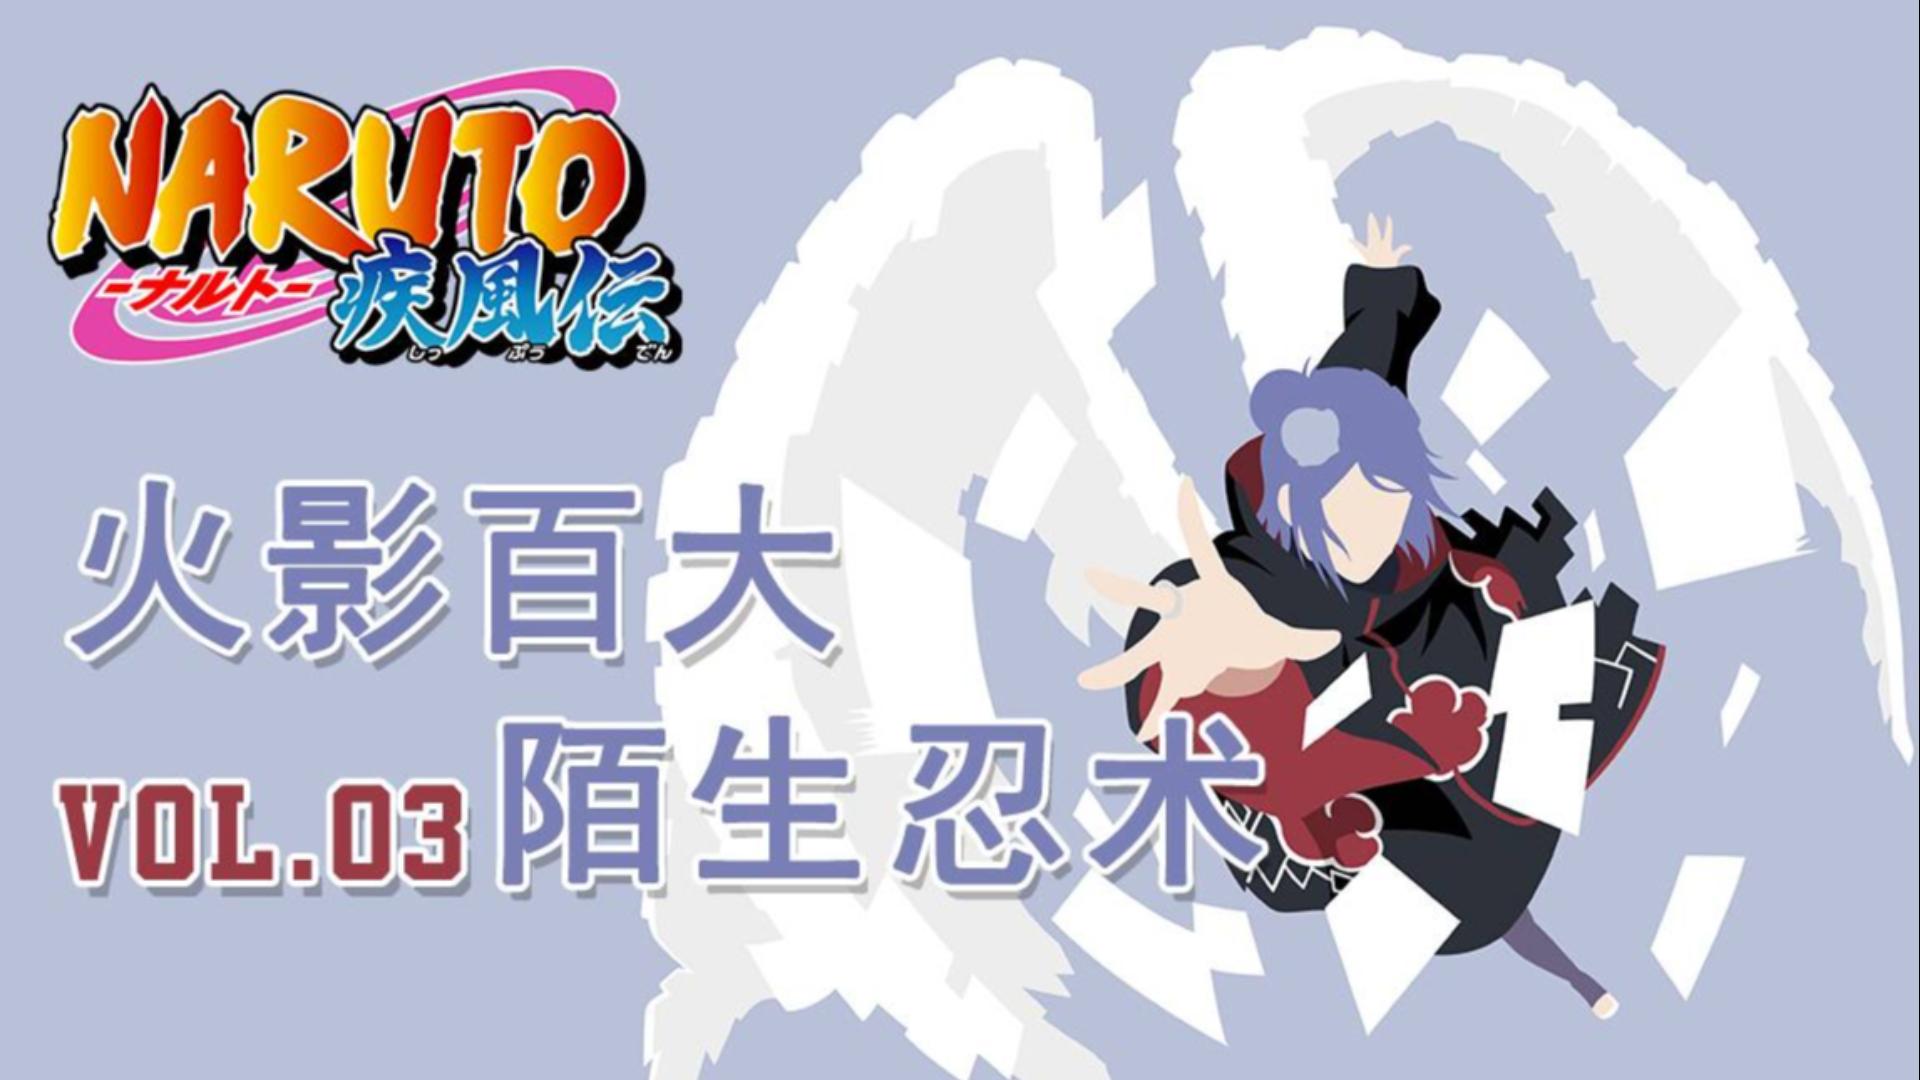 火影忍者TV百大陌生忍术盘点-第三期Vol.3#80-71名